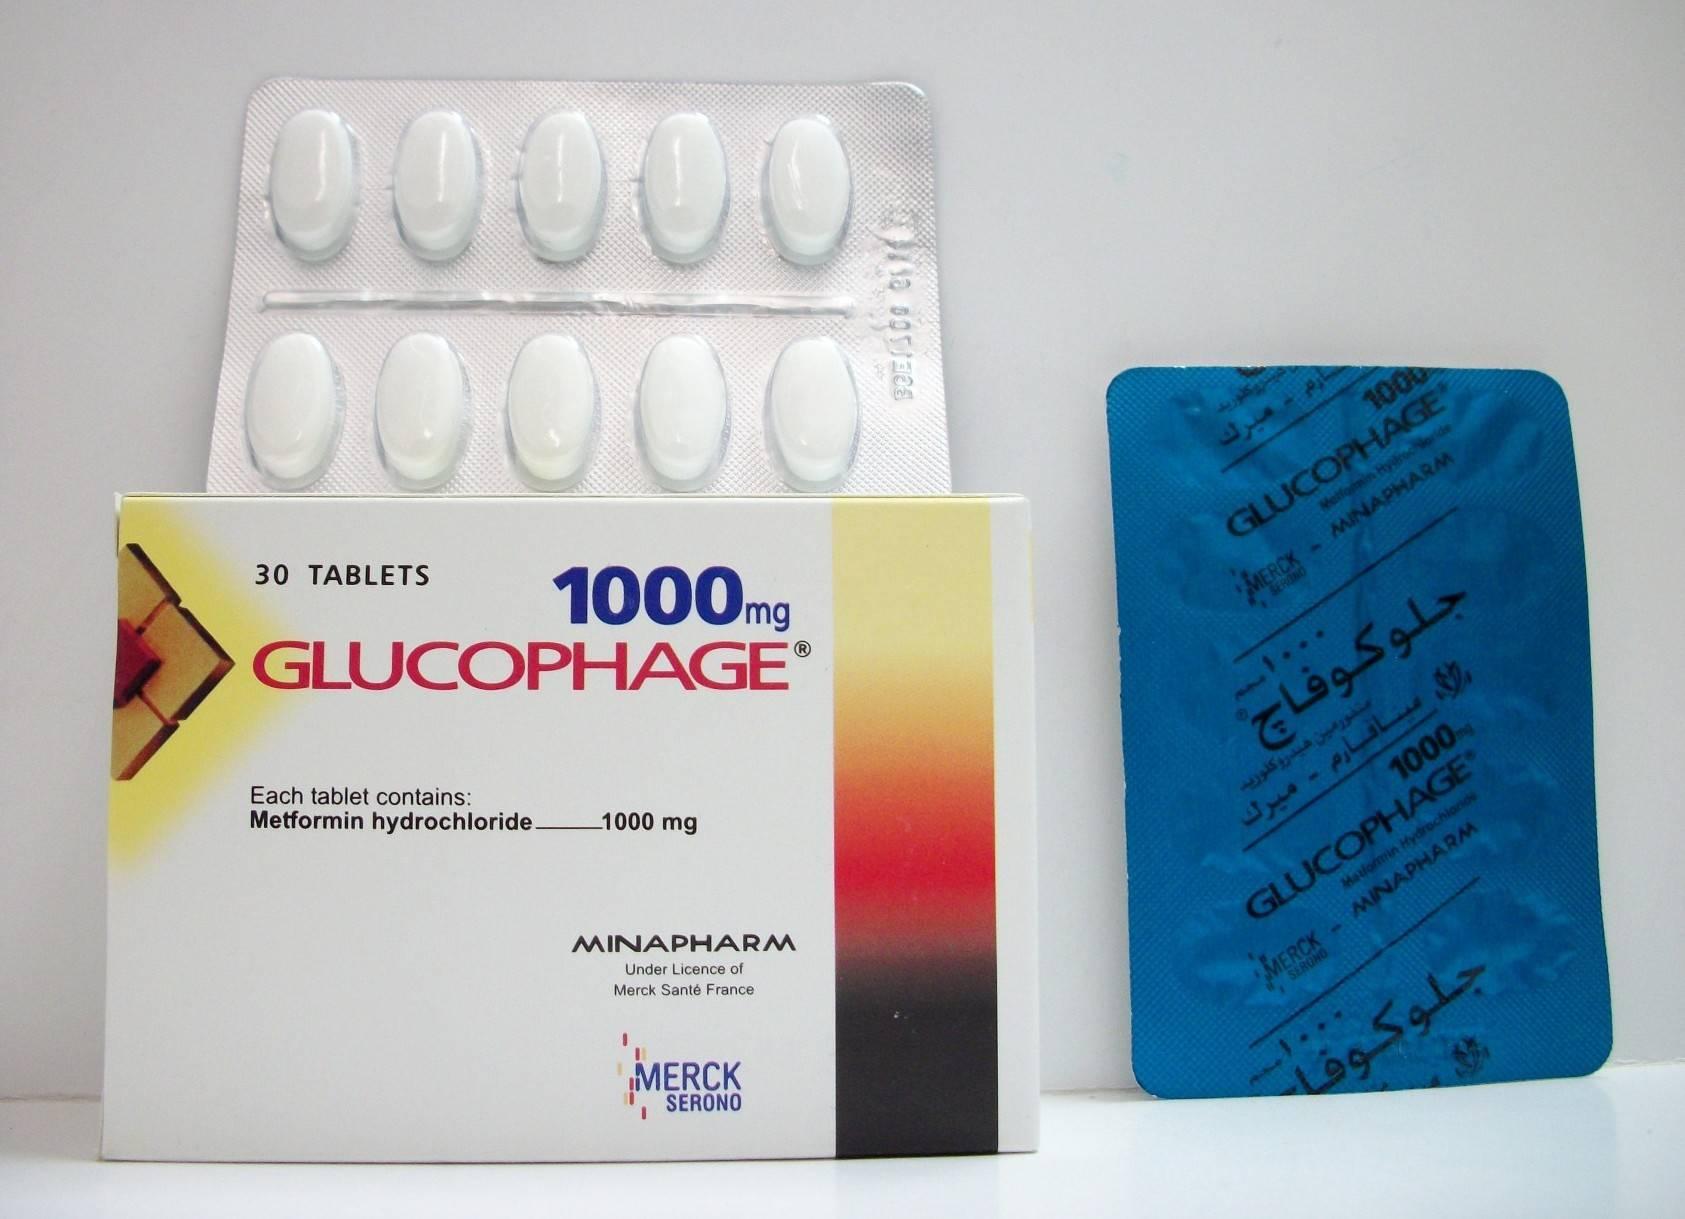 أقراص Glucophage لعلاج السكر من النوع الثاني l السعر والمواصفات